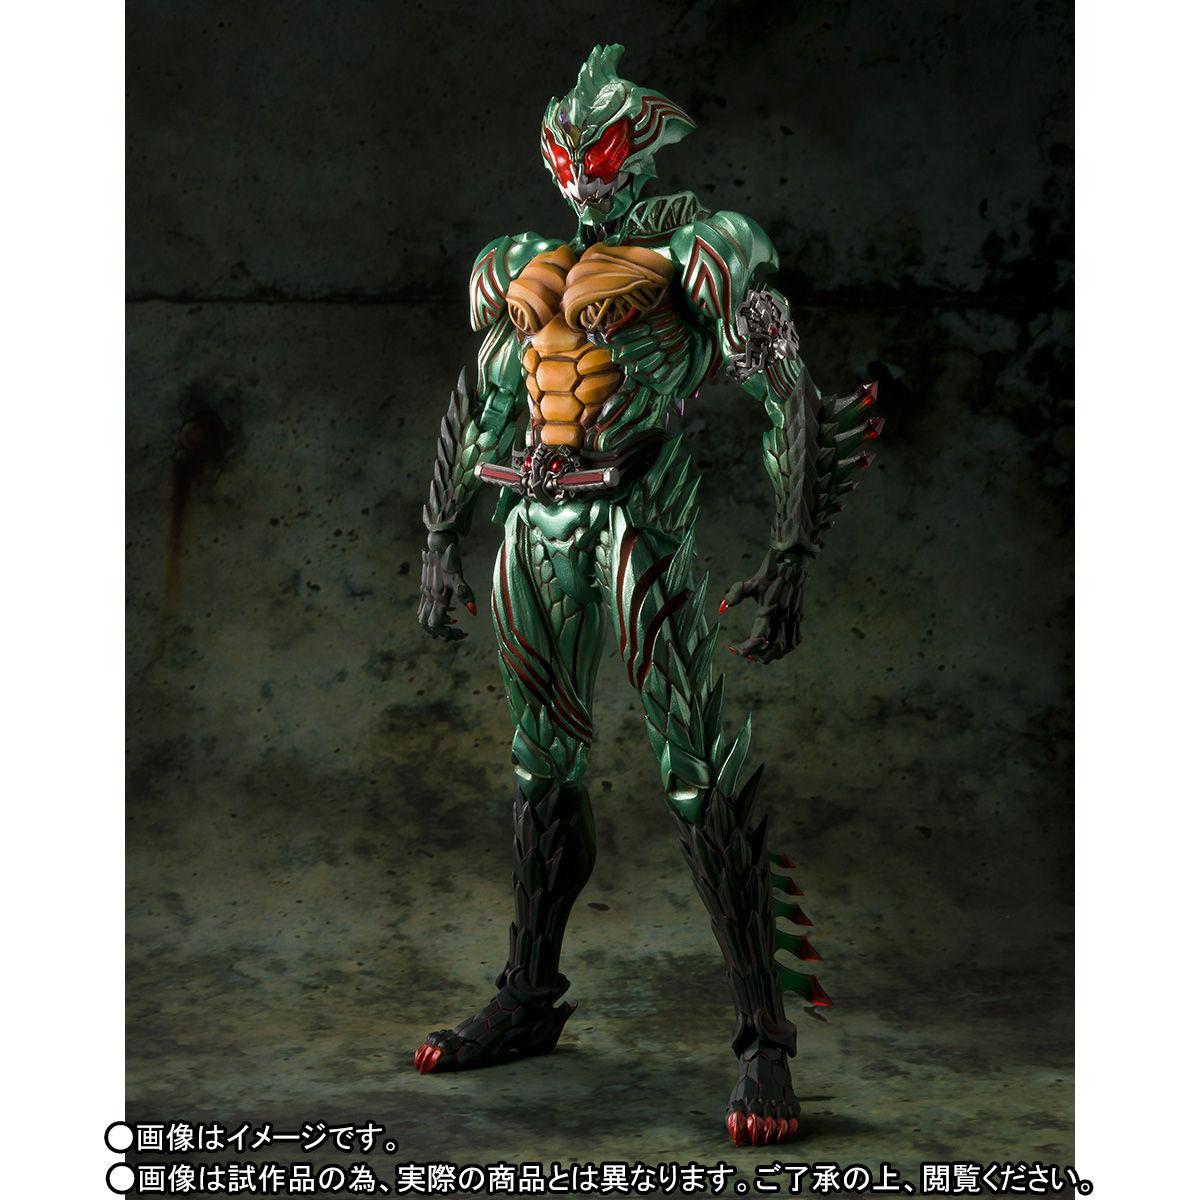 S.I.C.『仮面ライダーアマゾンオメガ|仮面ライダーアマゾンズ』可動フィギュア-002